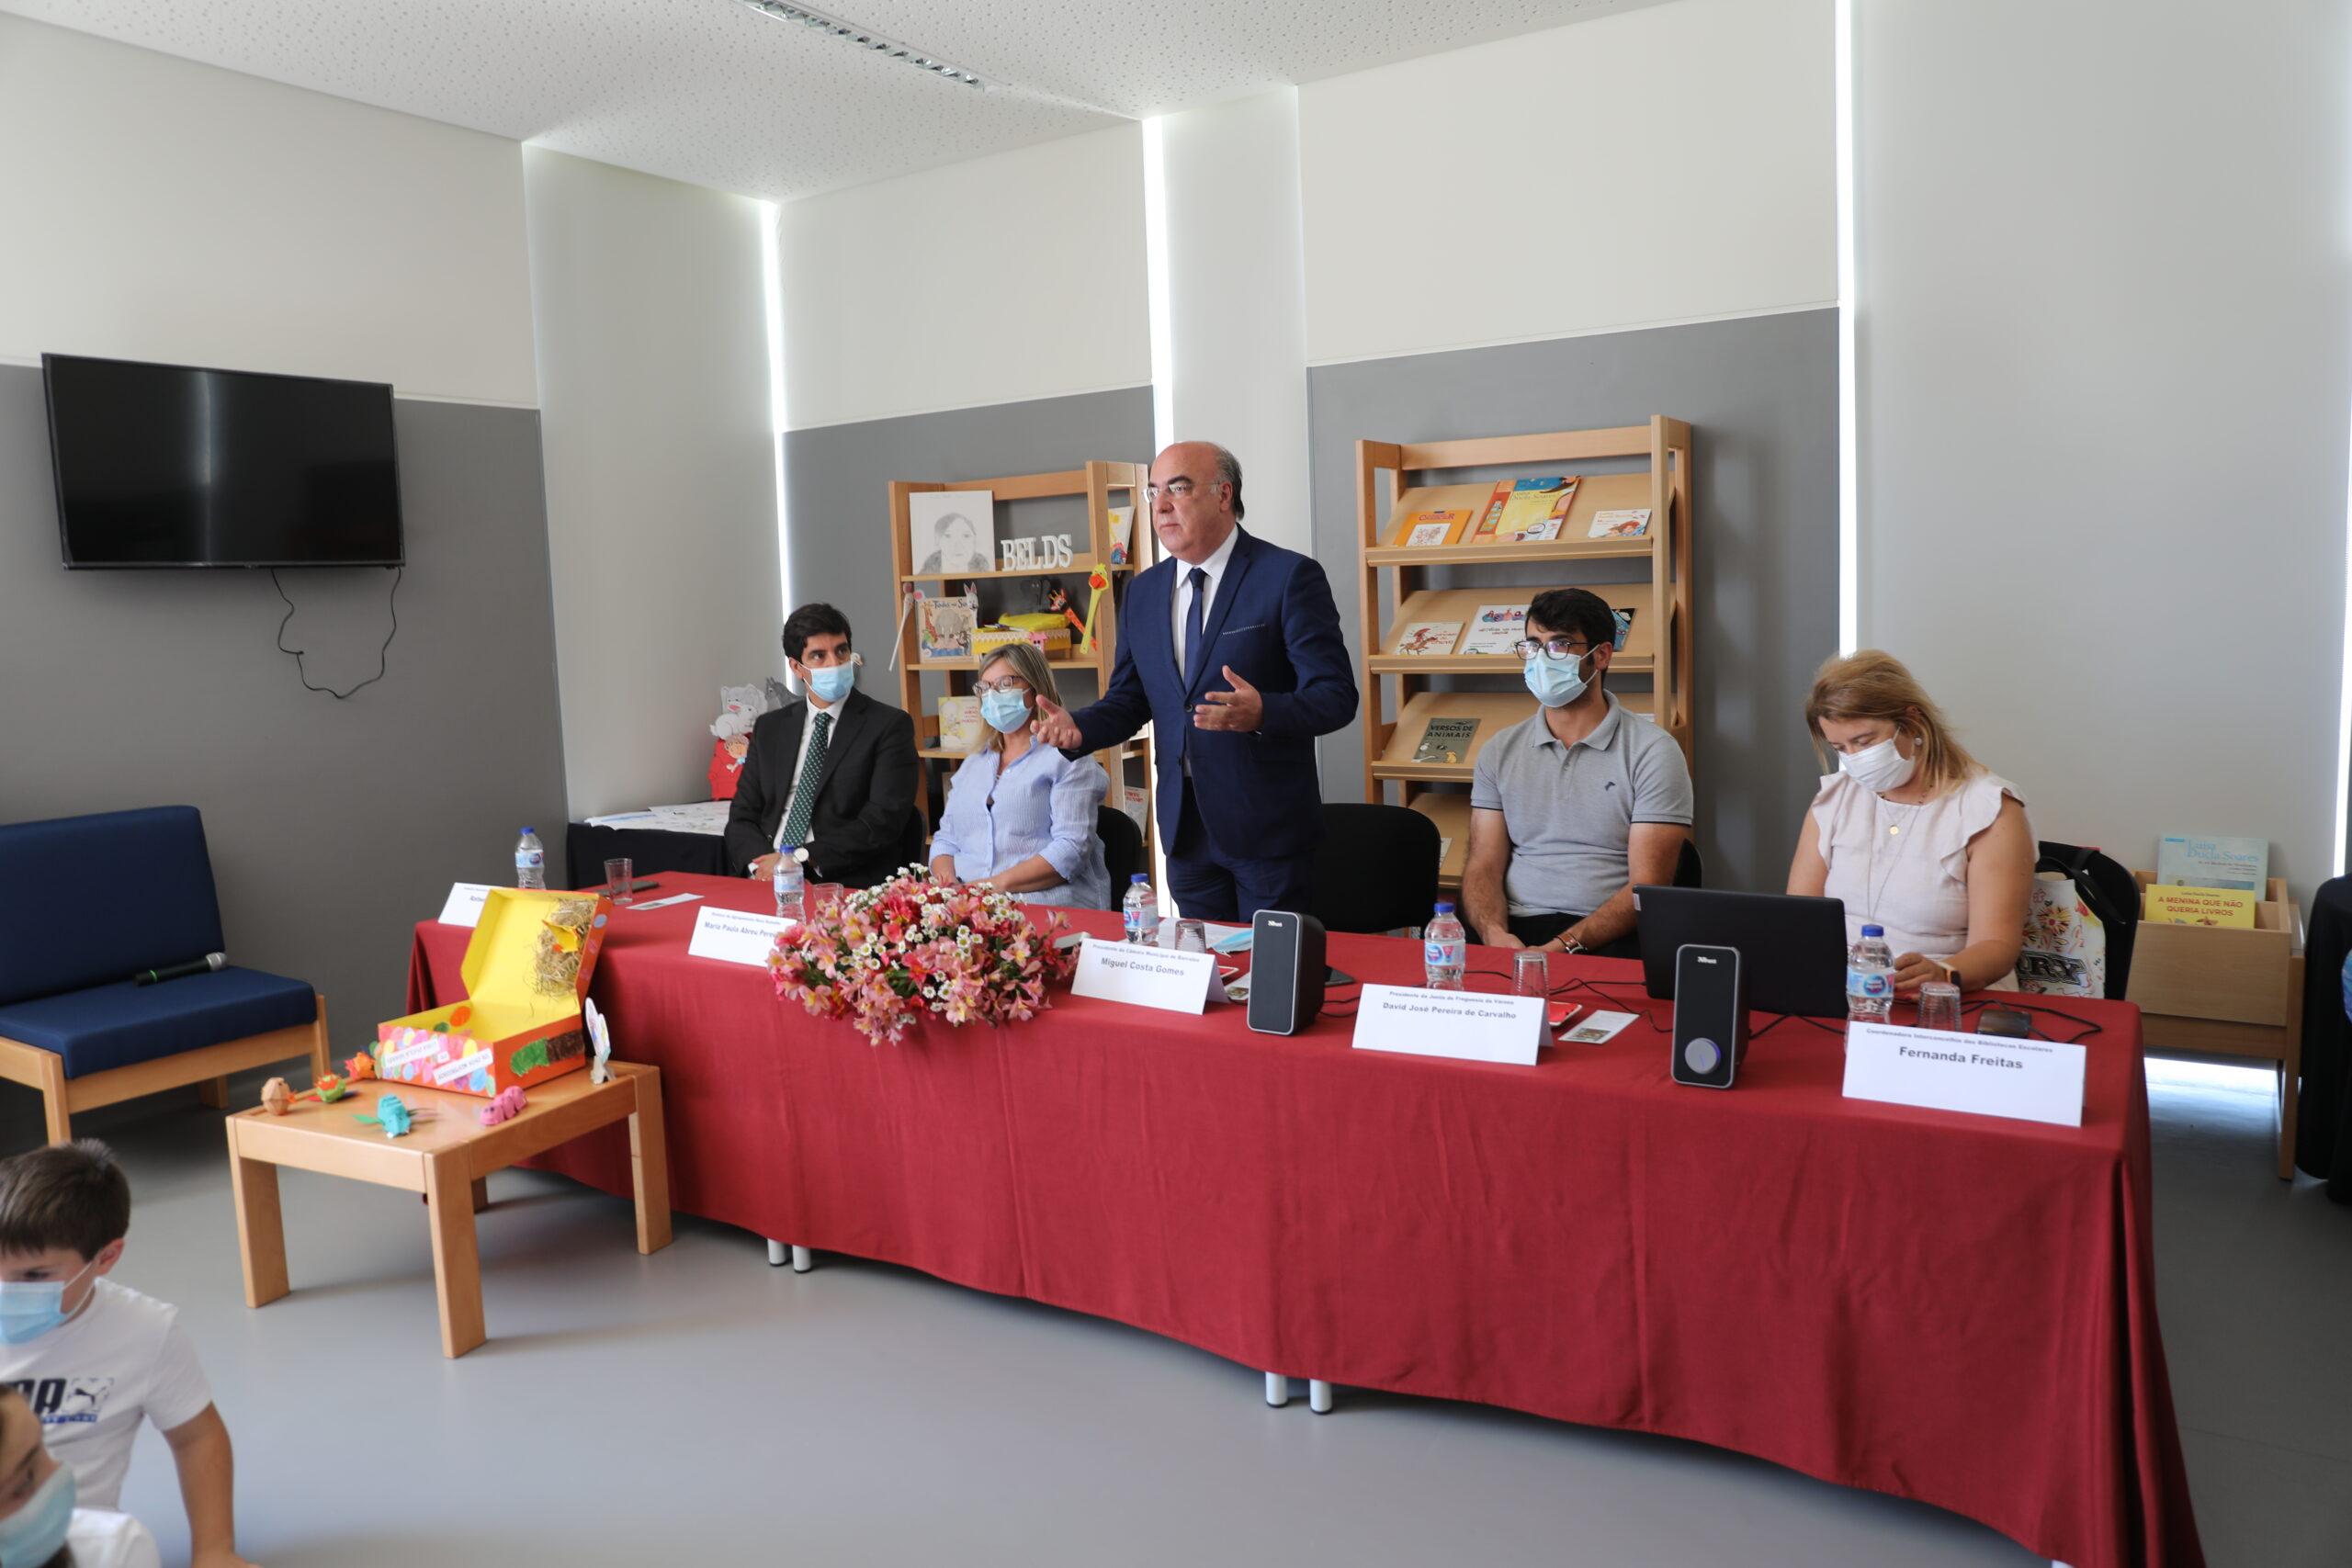 Barcelos inaugura biblioteca escolar do Centro Escolar da Várzea